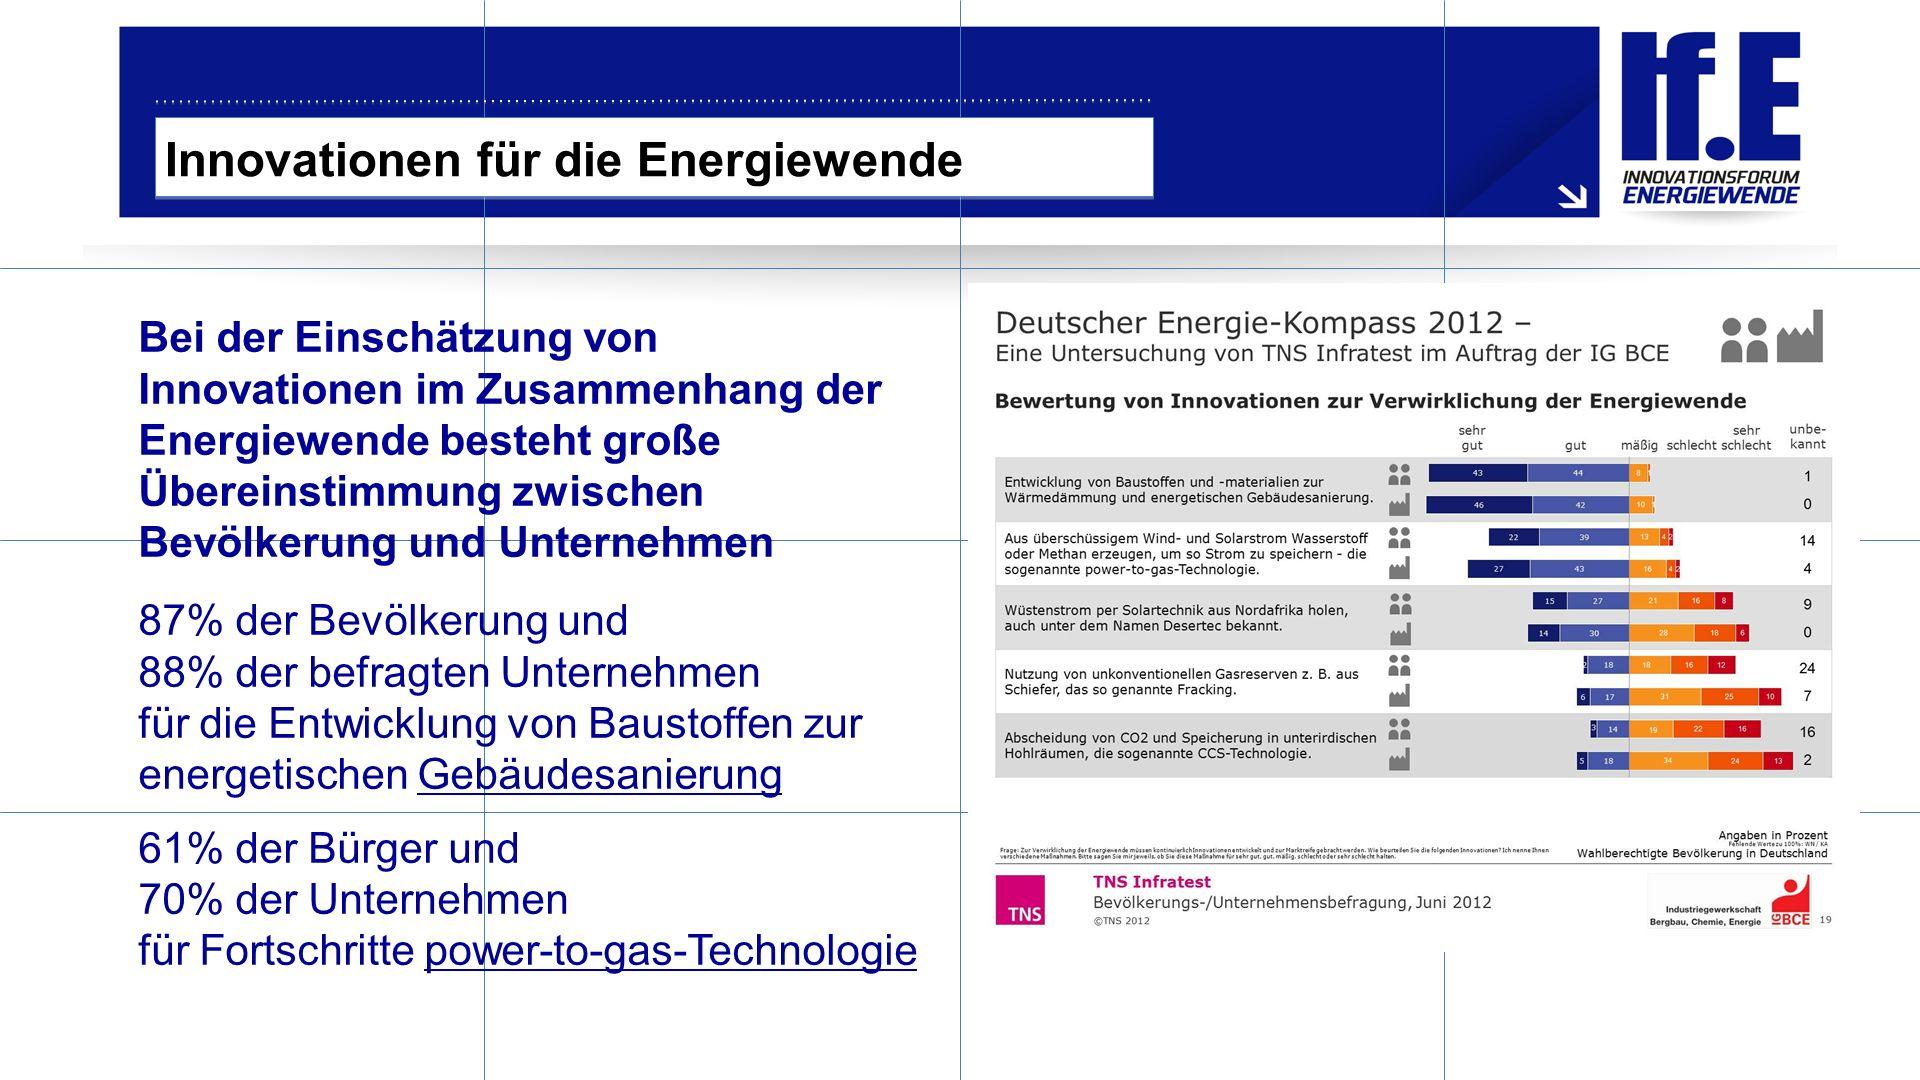 Offene Unternehmensfrage - Rücklauf Die überwiegende Mehrheit der Unternehmen konzentriert sich auf Umsetzung der Energiewende.